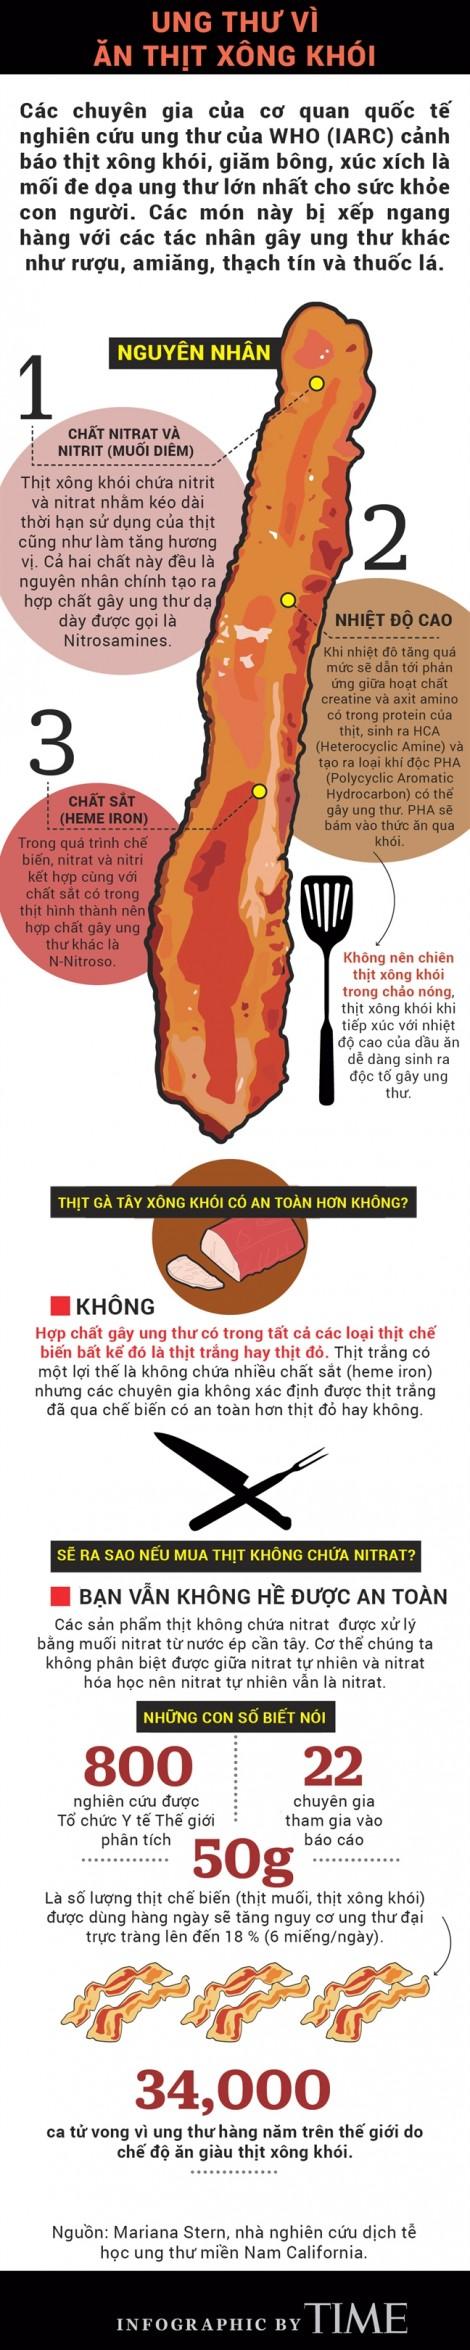 Chơi lễ, hạn chế ăn nhiều thịt xông khói